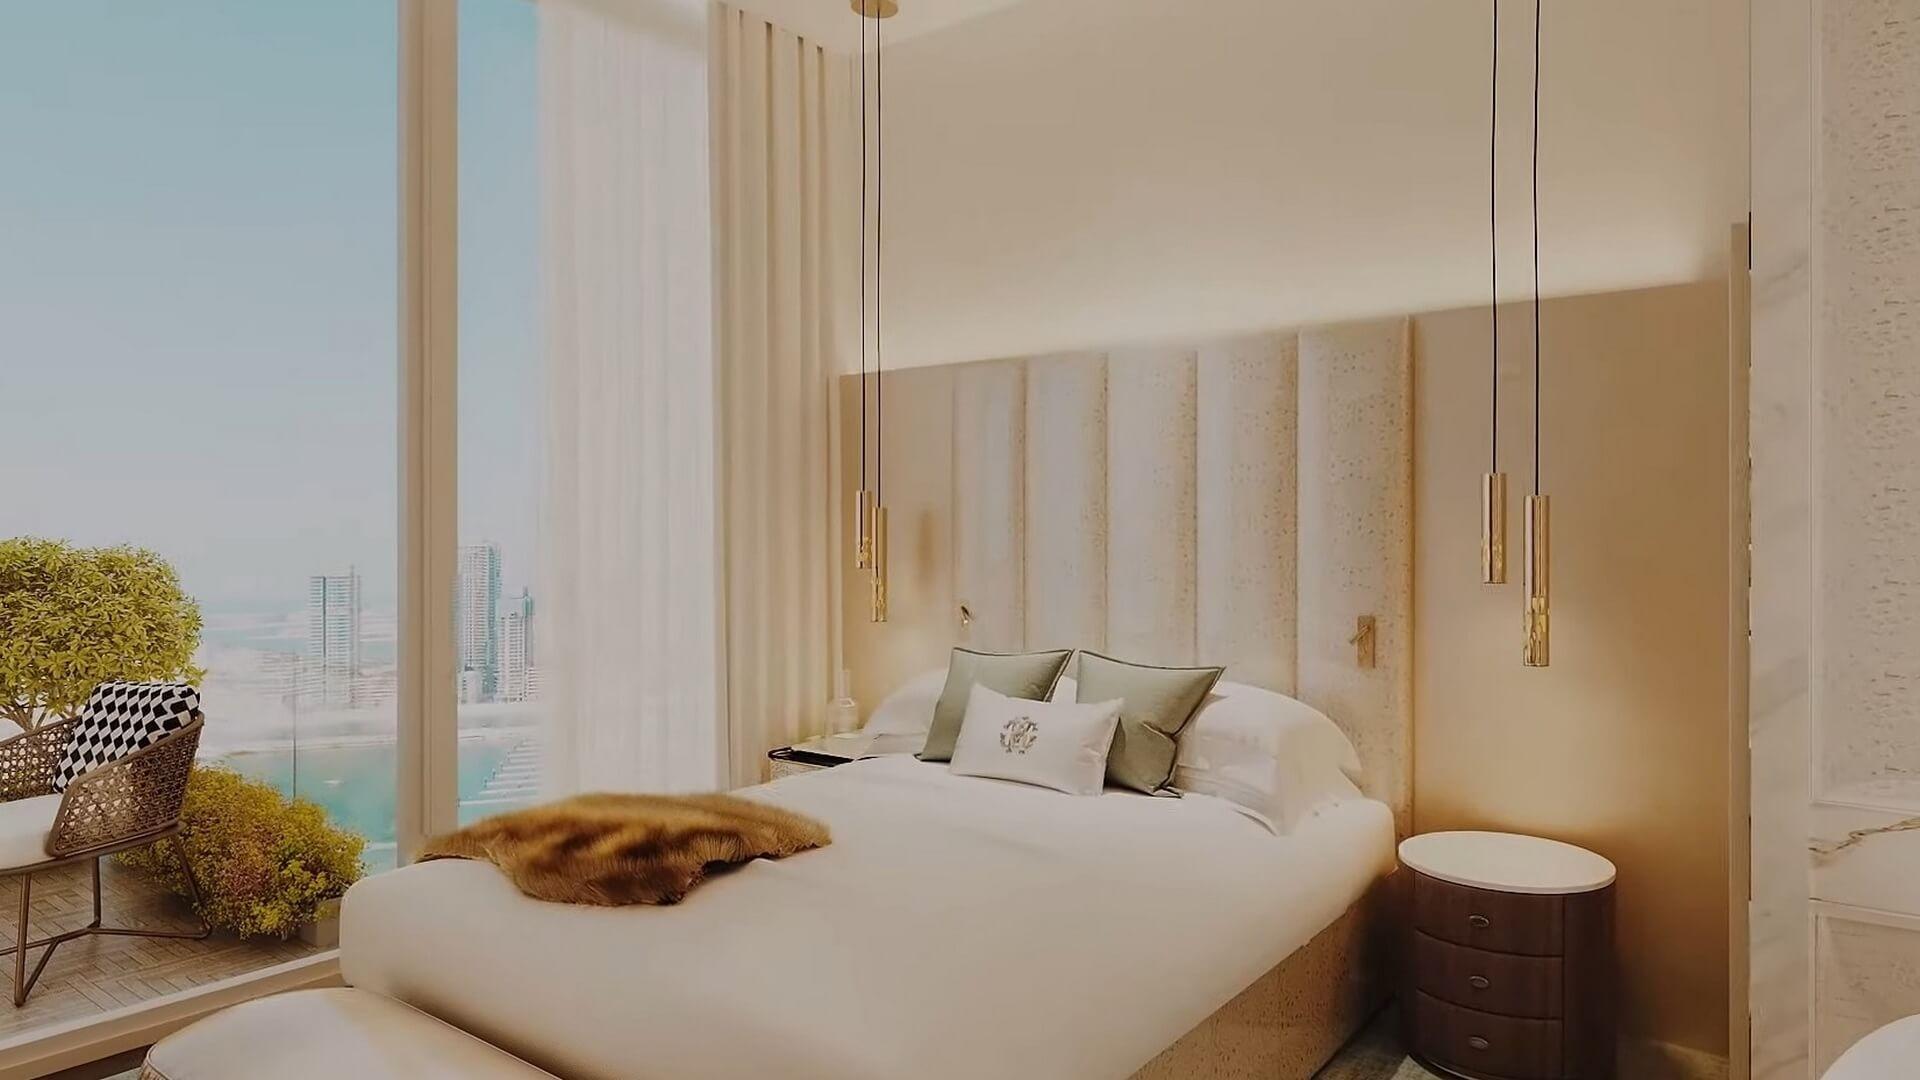 Apartamento en venta en Dubai, EAU, 1 dormitorio, 81 m2, № 24569 – foto 1